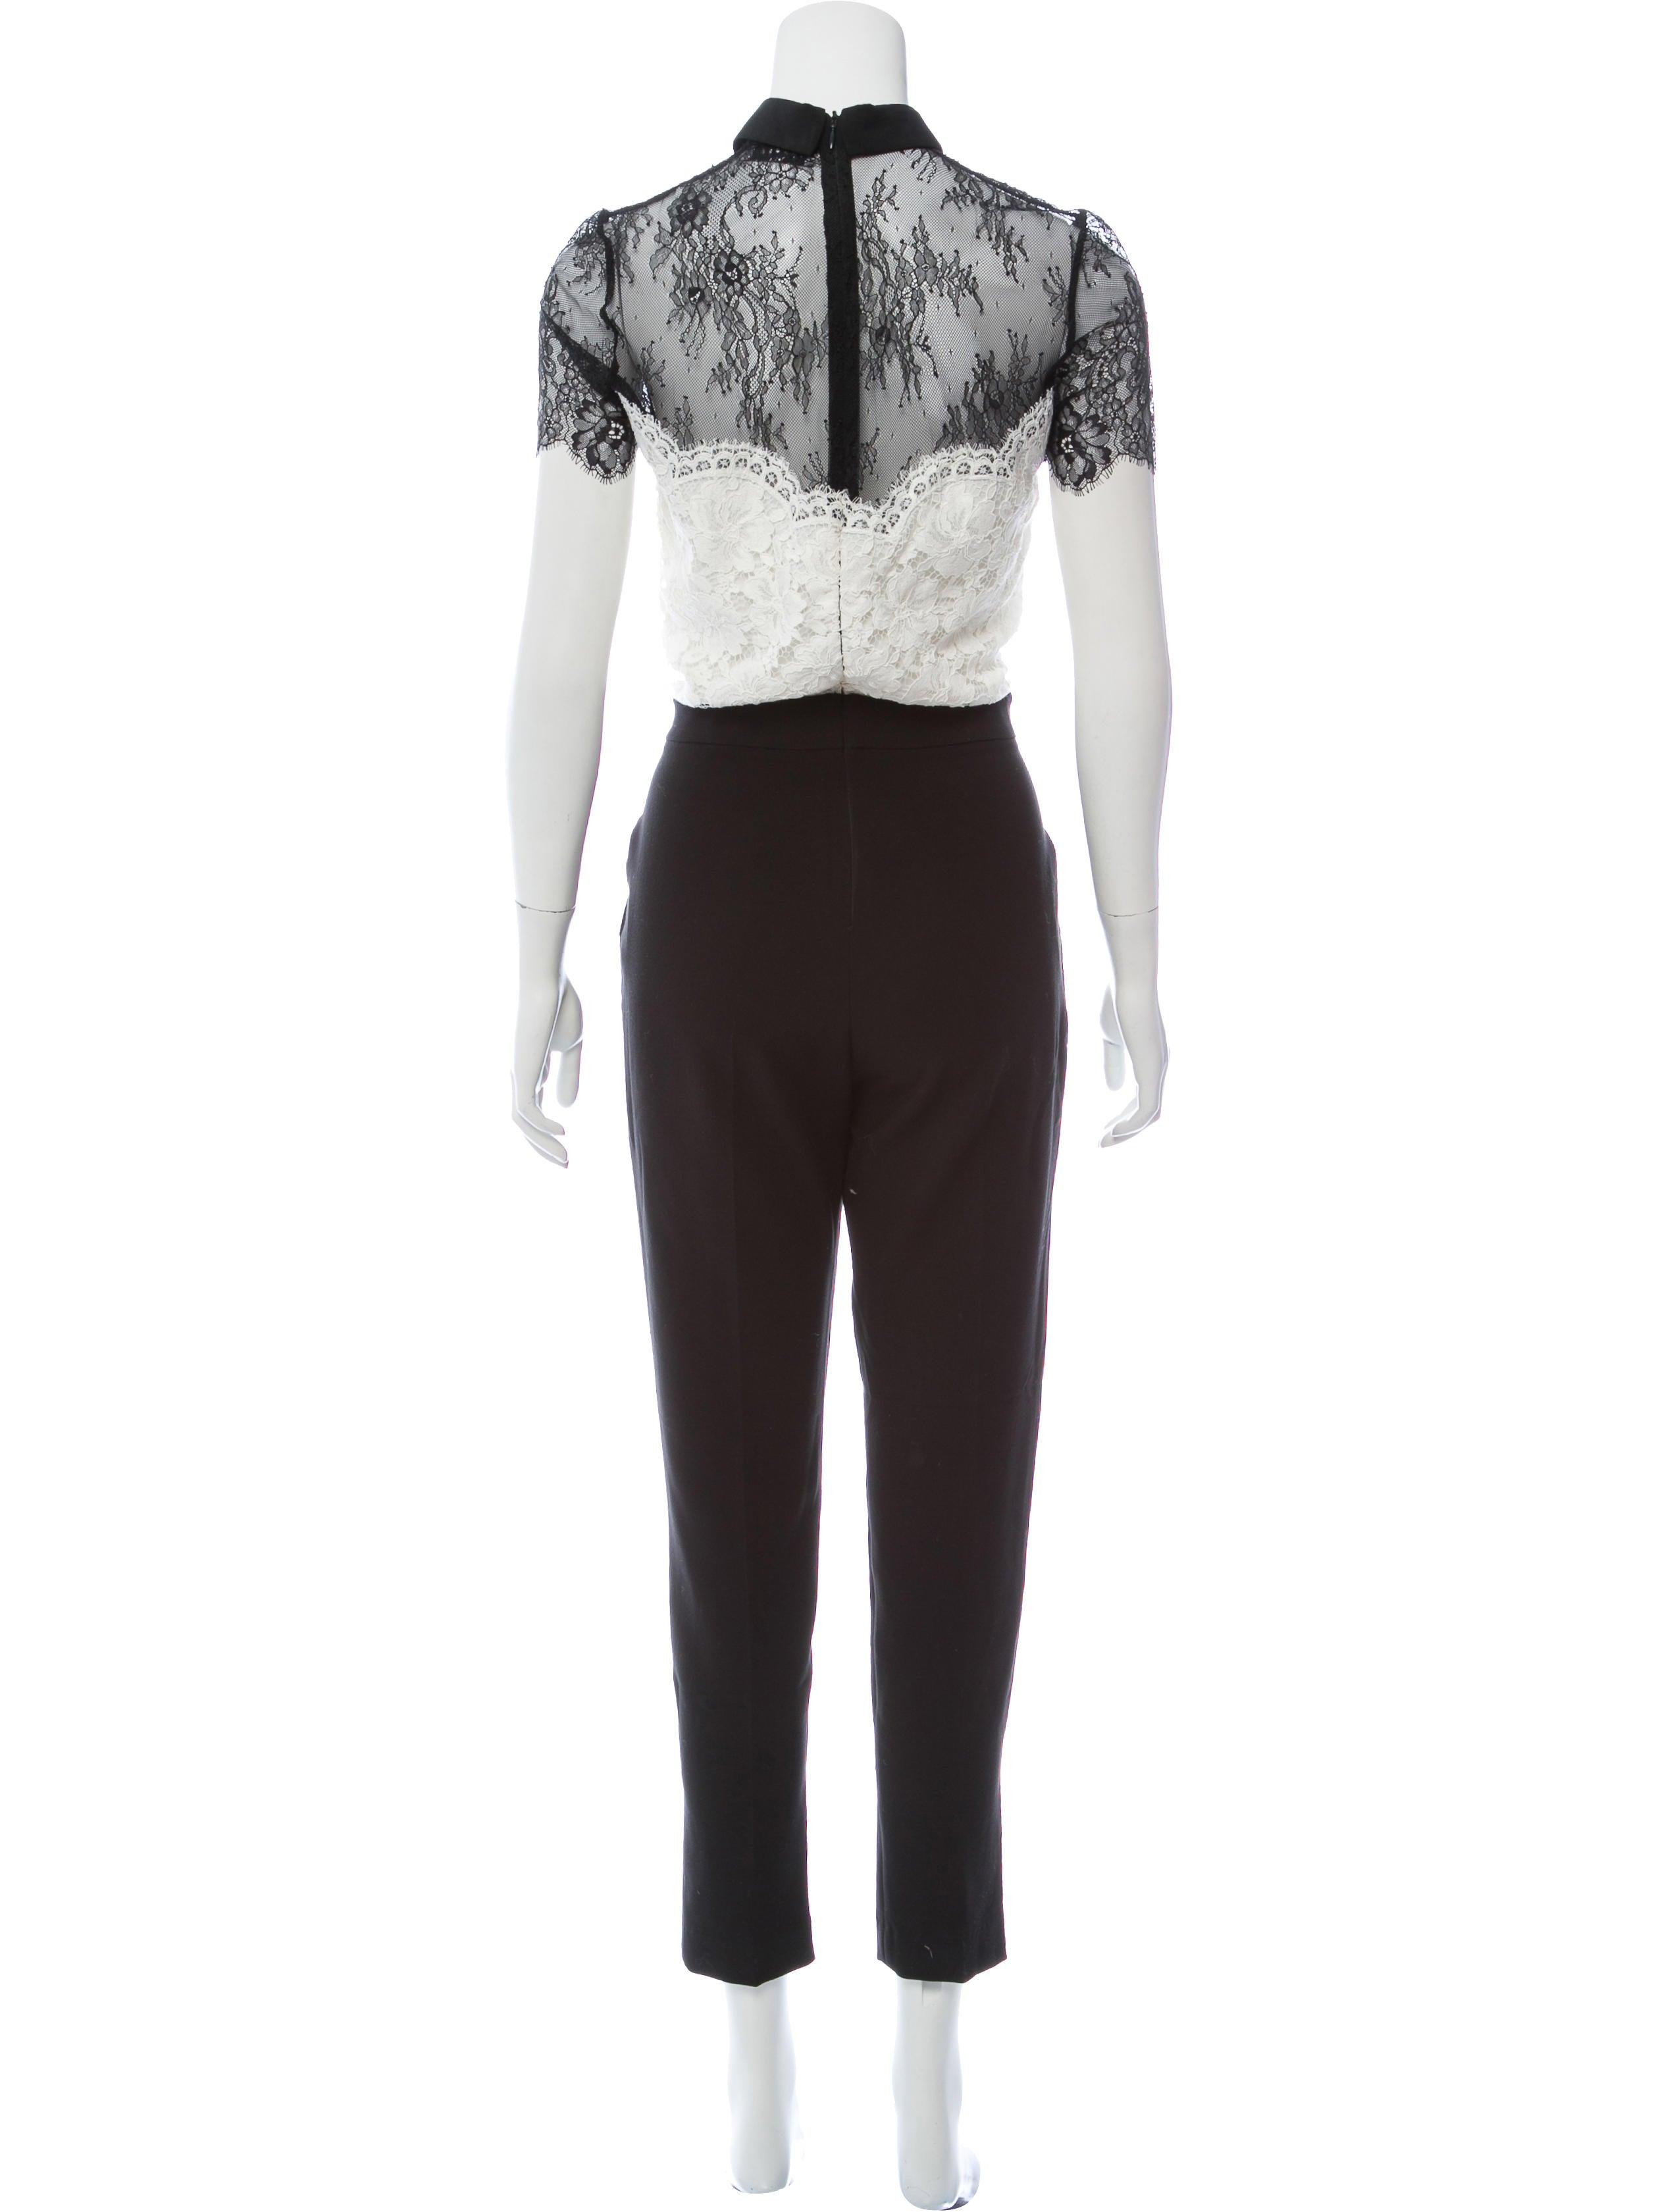 bc4ec8babc Sandro Lace Short-Sleeve Jumpsuit - Clothing - WS234248